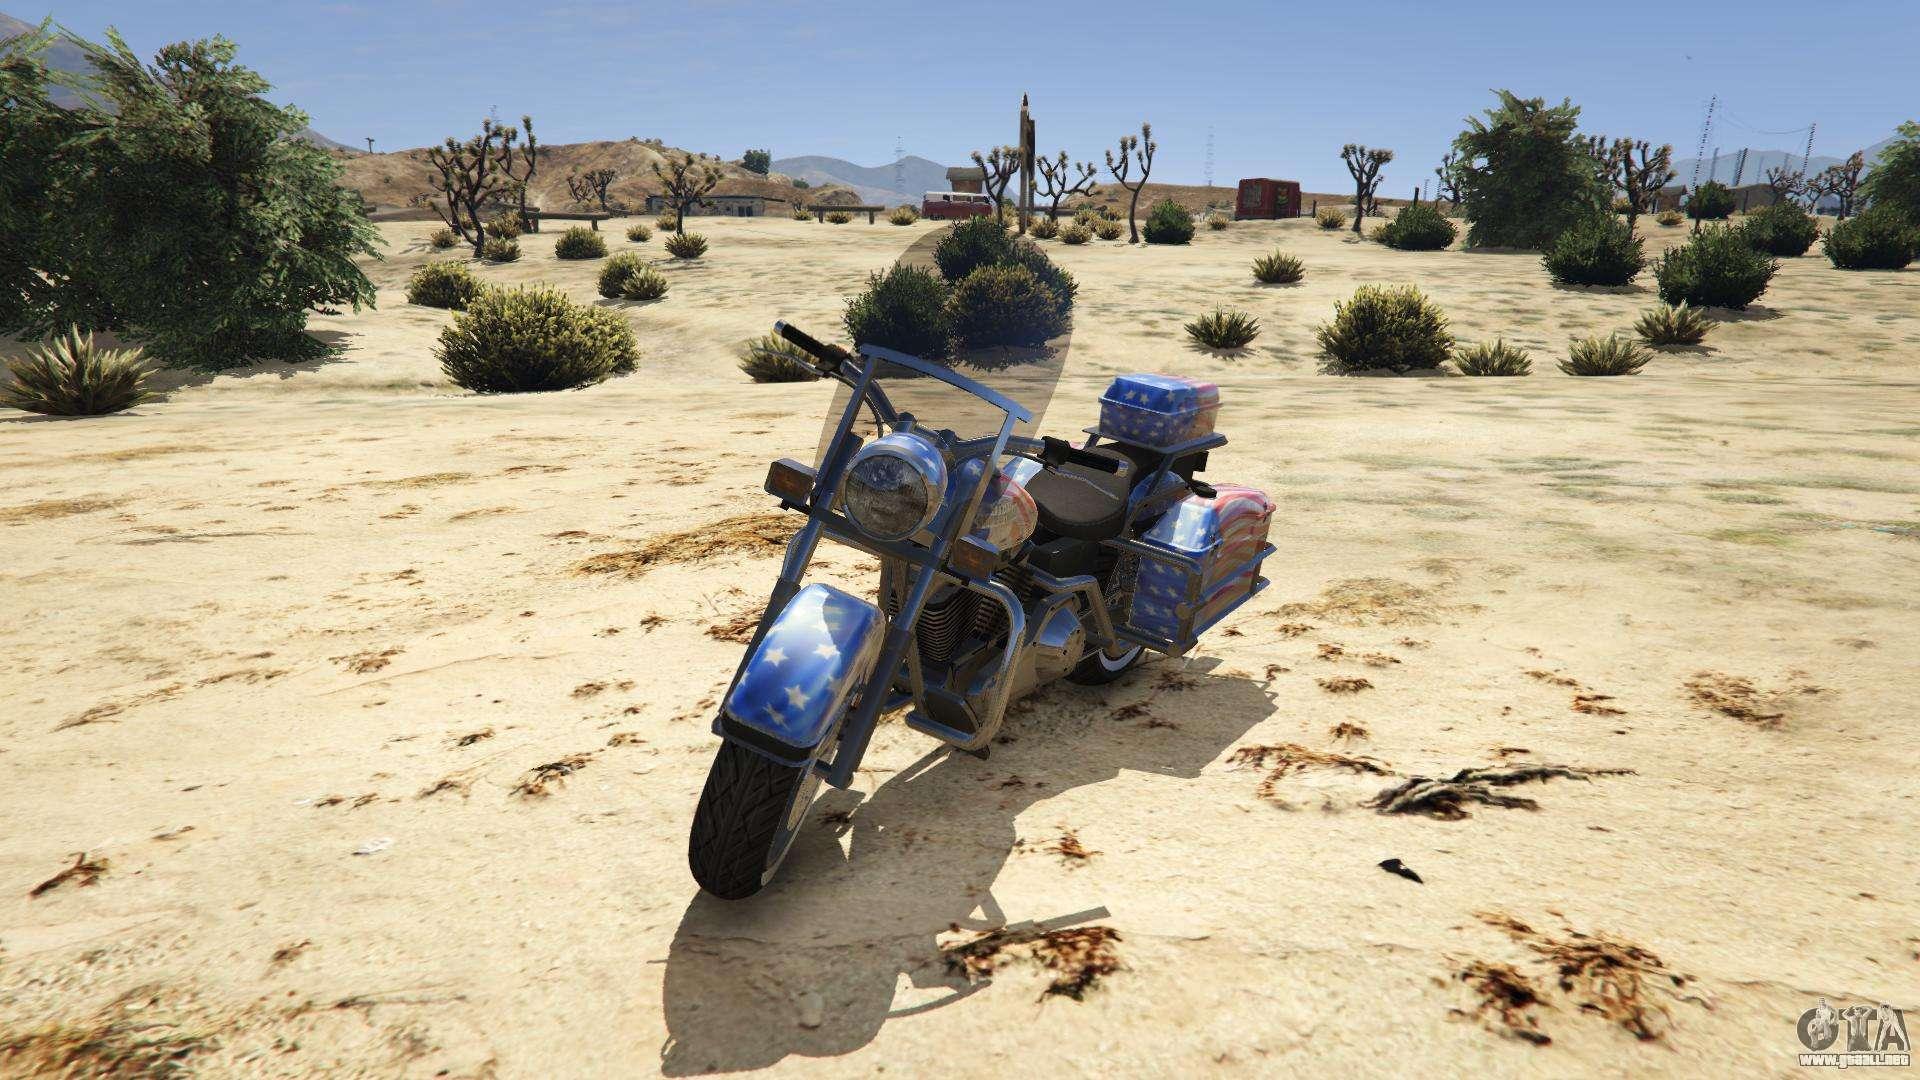 Western Motorcycle Company Sovereign de GTA 5